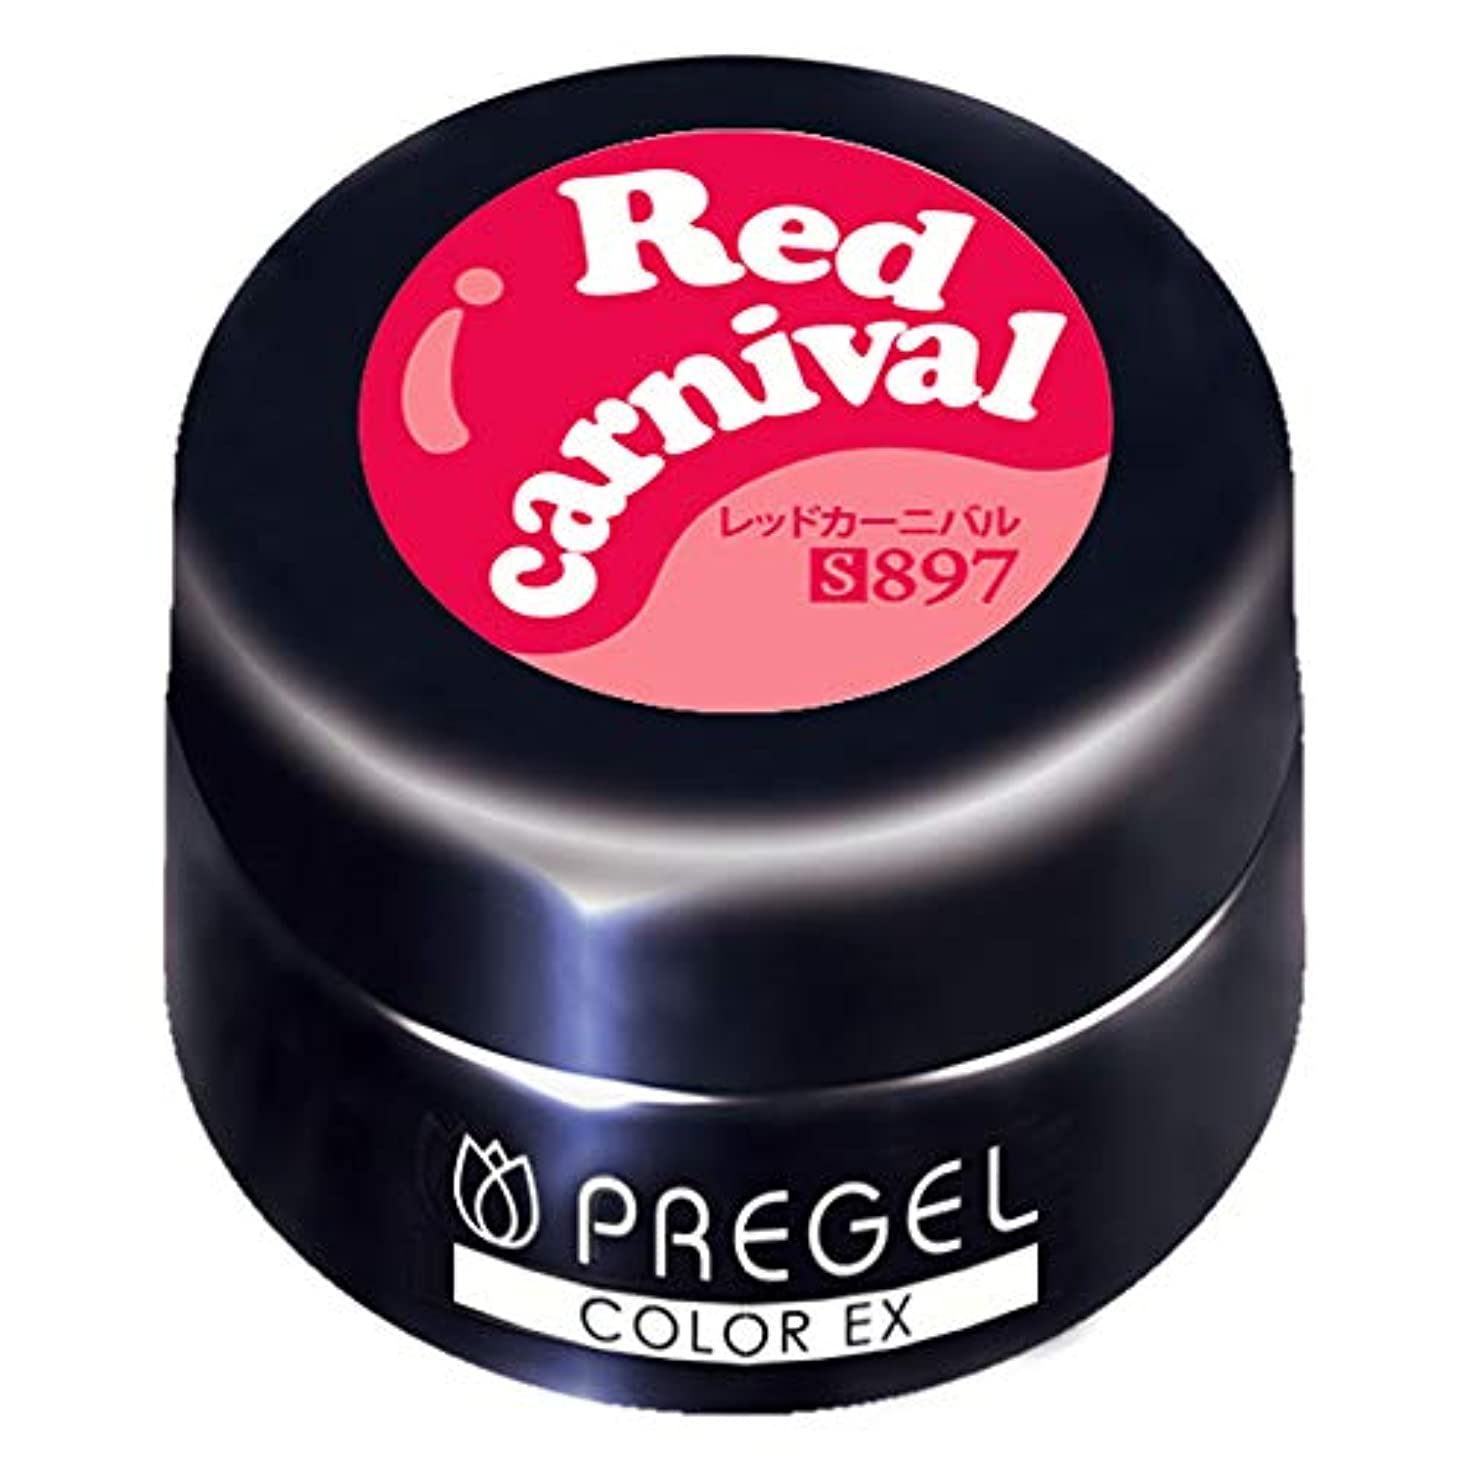 PRE GEL カラーEX レッドカーニバル 3g PG-CE897